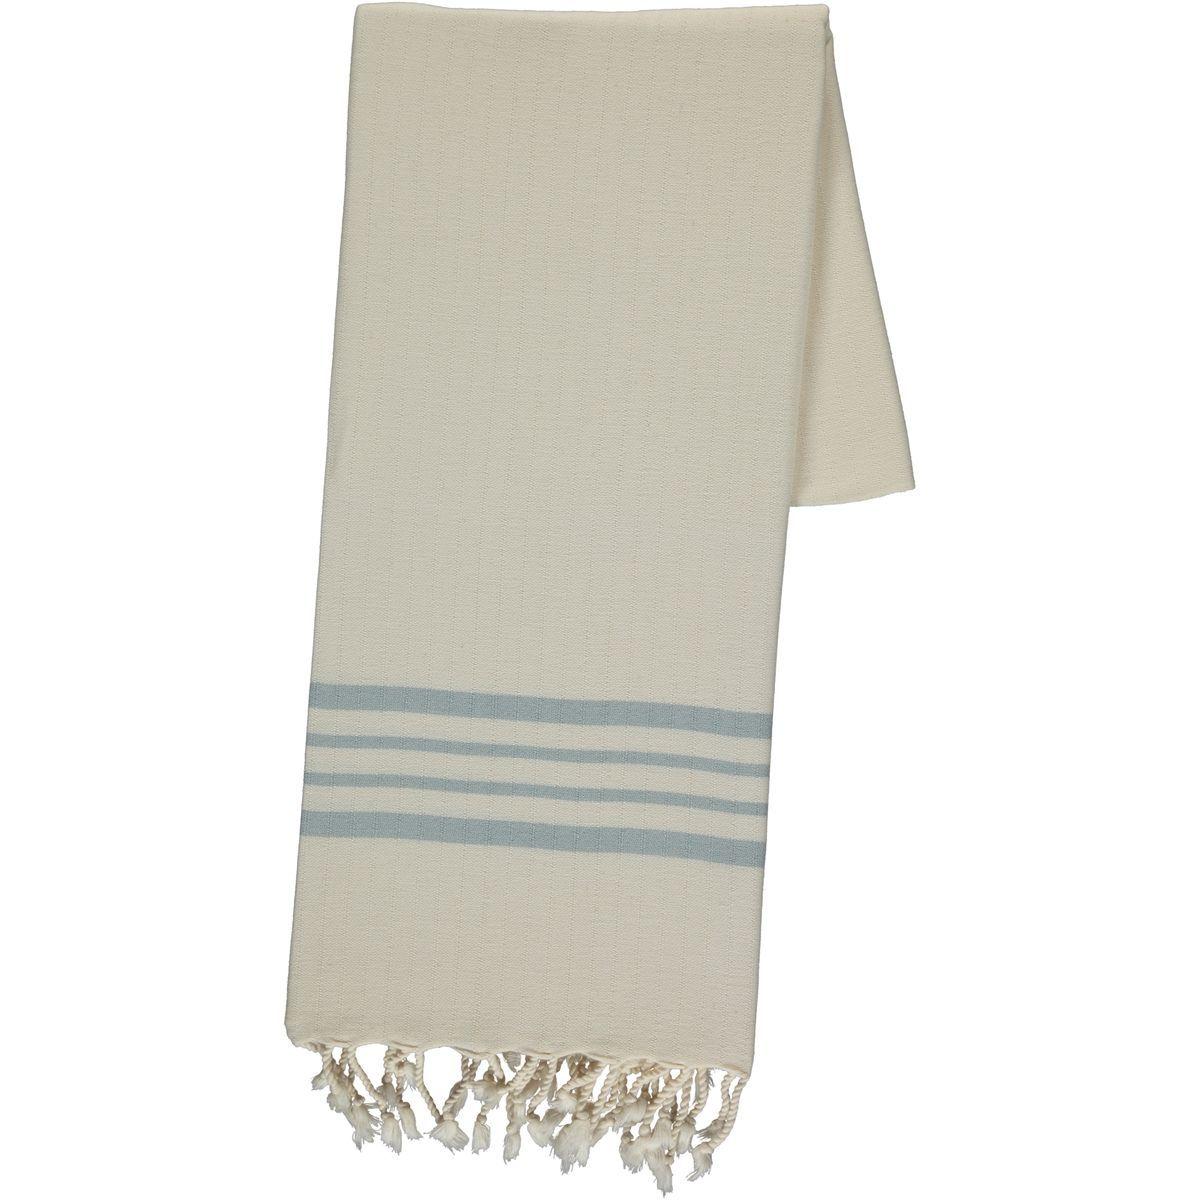 Peshtemal Sultan - Light Blue Stripes